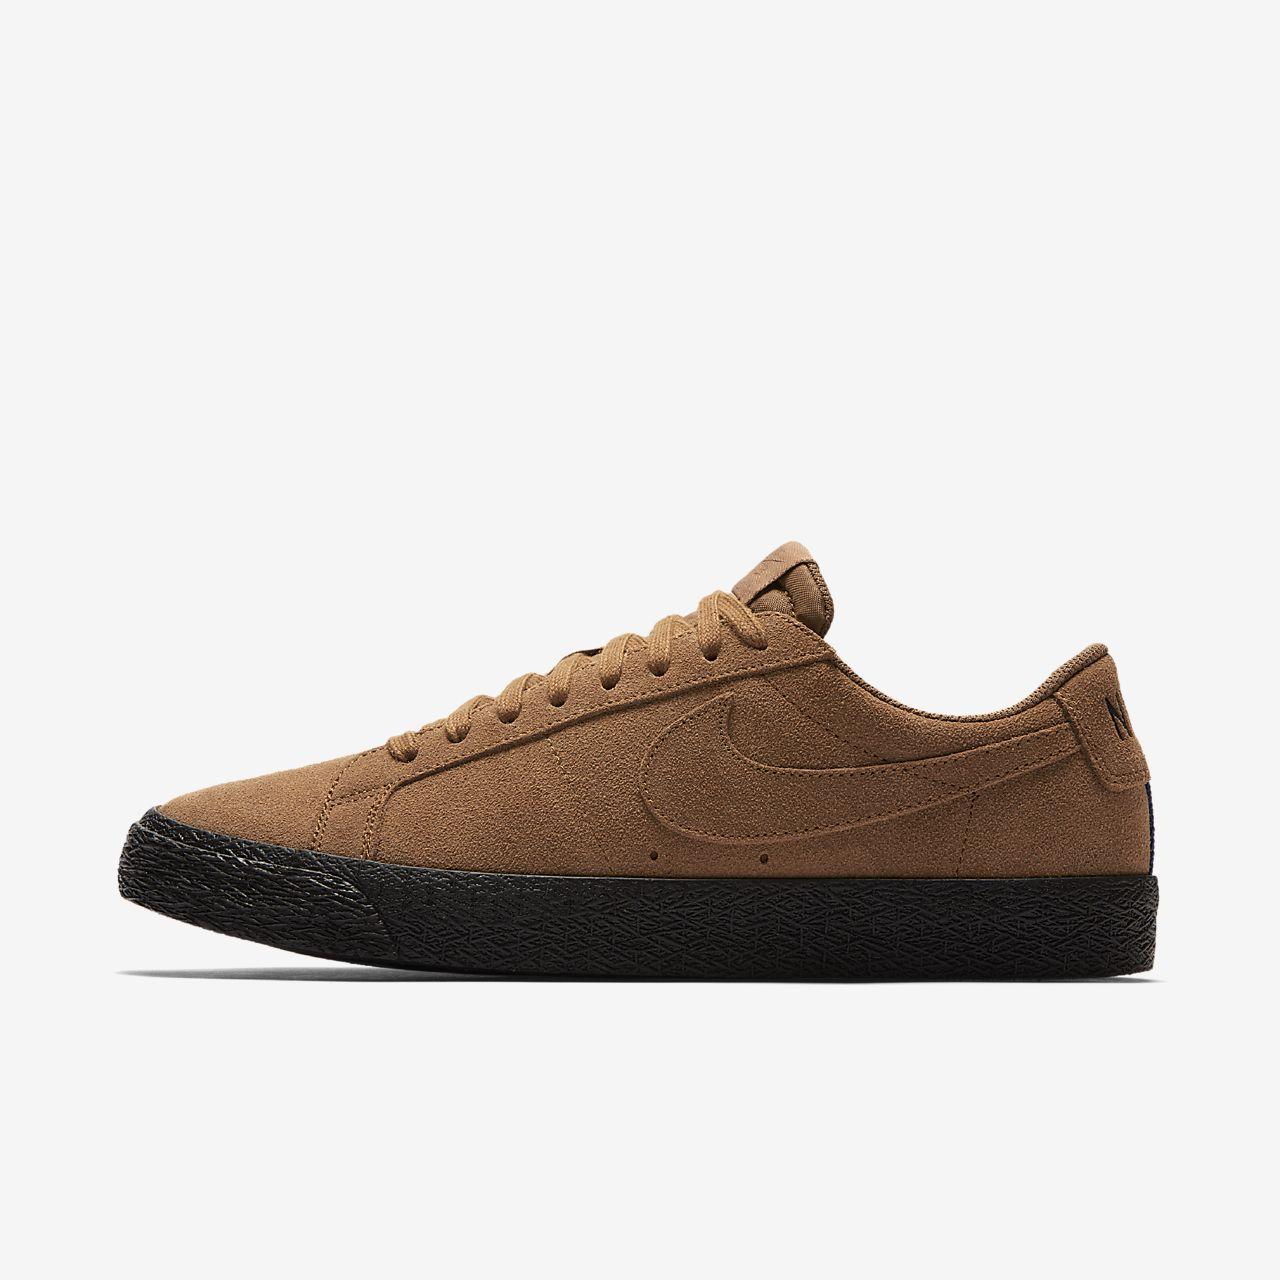 Nike SB Blazer Zoom Low skatesko for herre